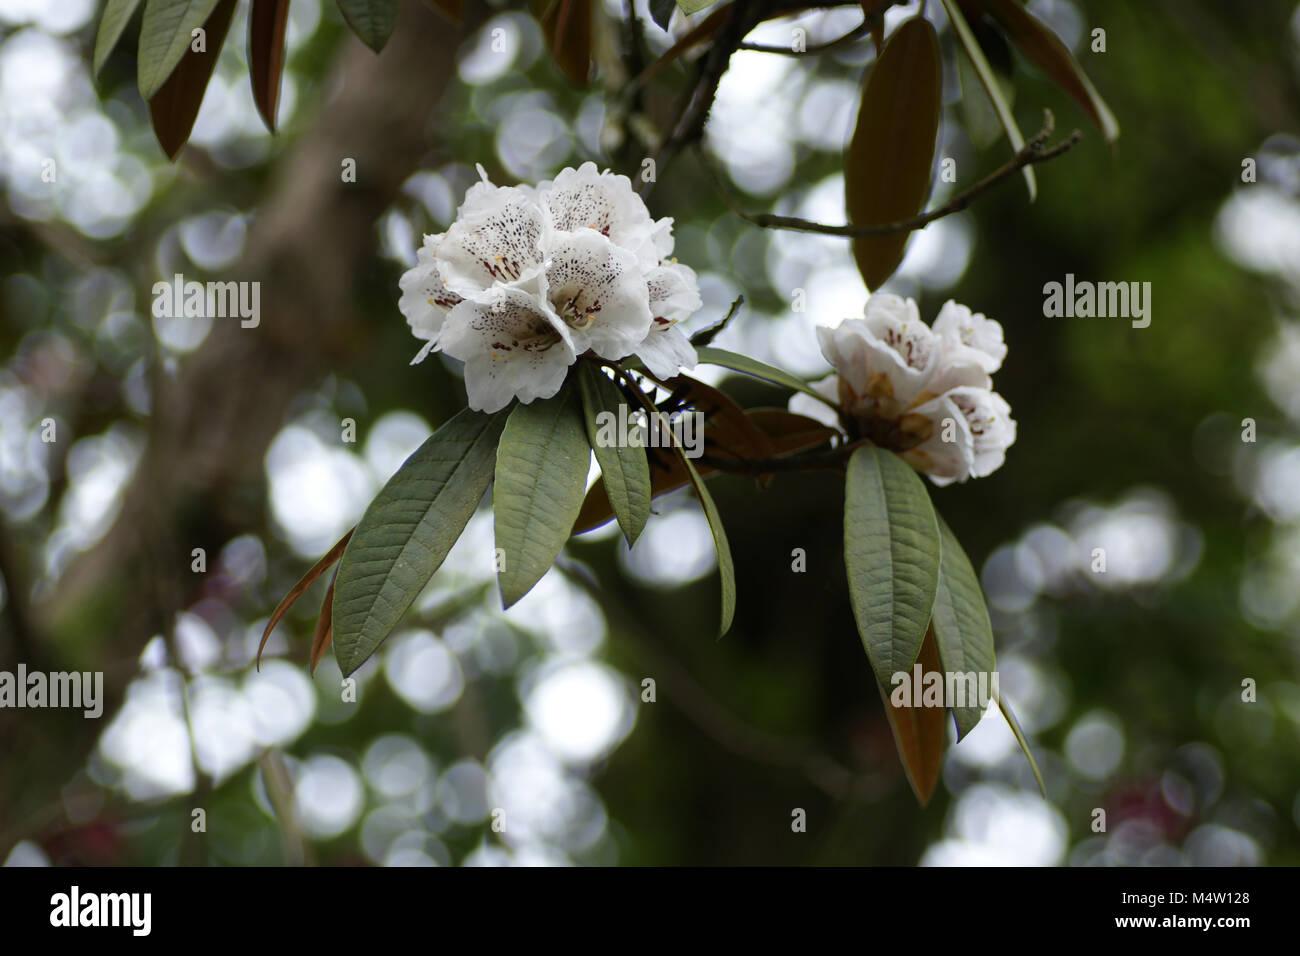 Rhododendron arboreum ssp. cinnamomeum - Stock Image